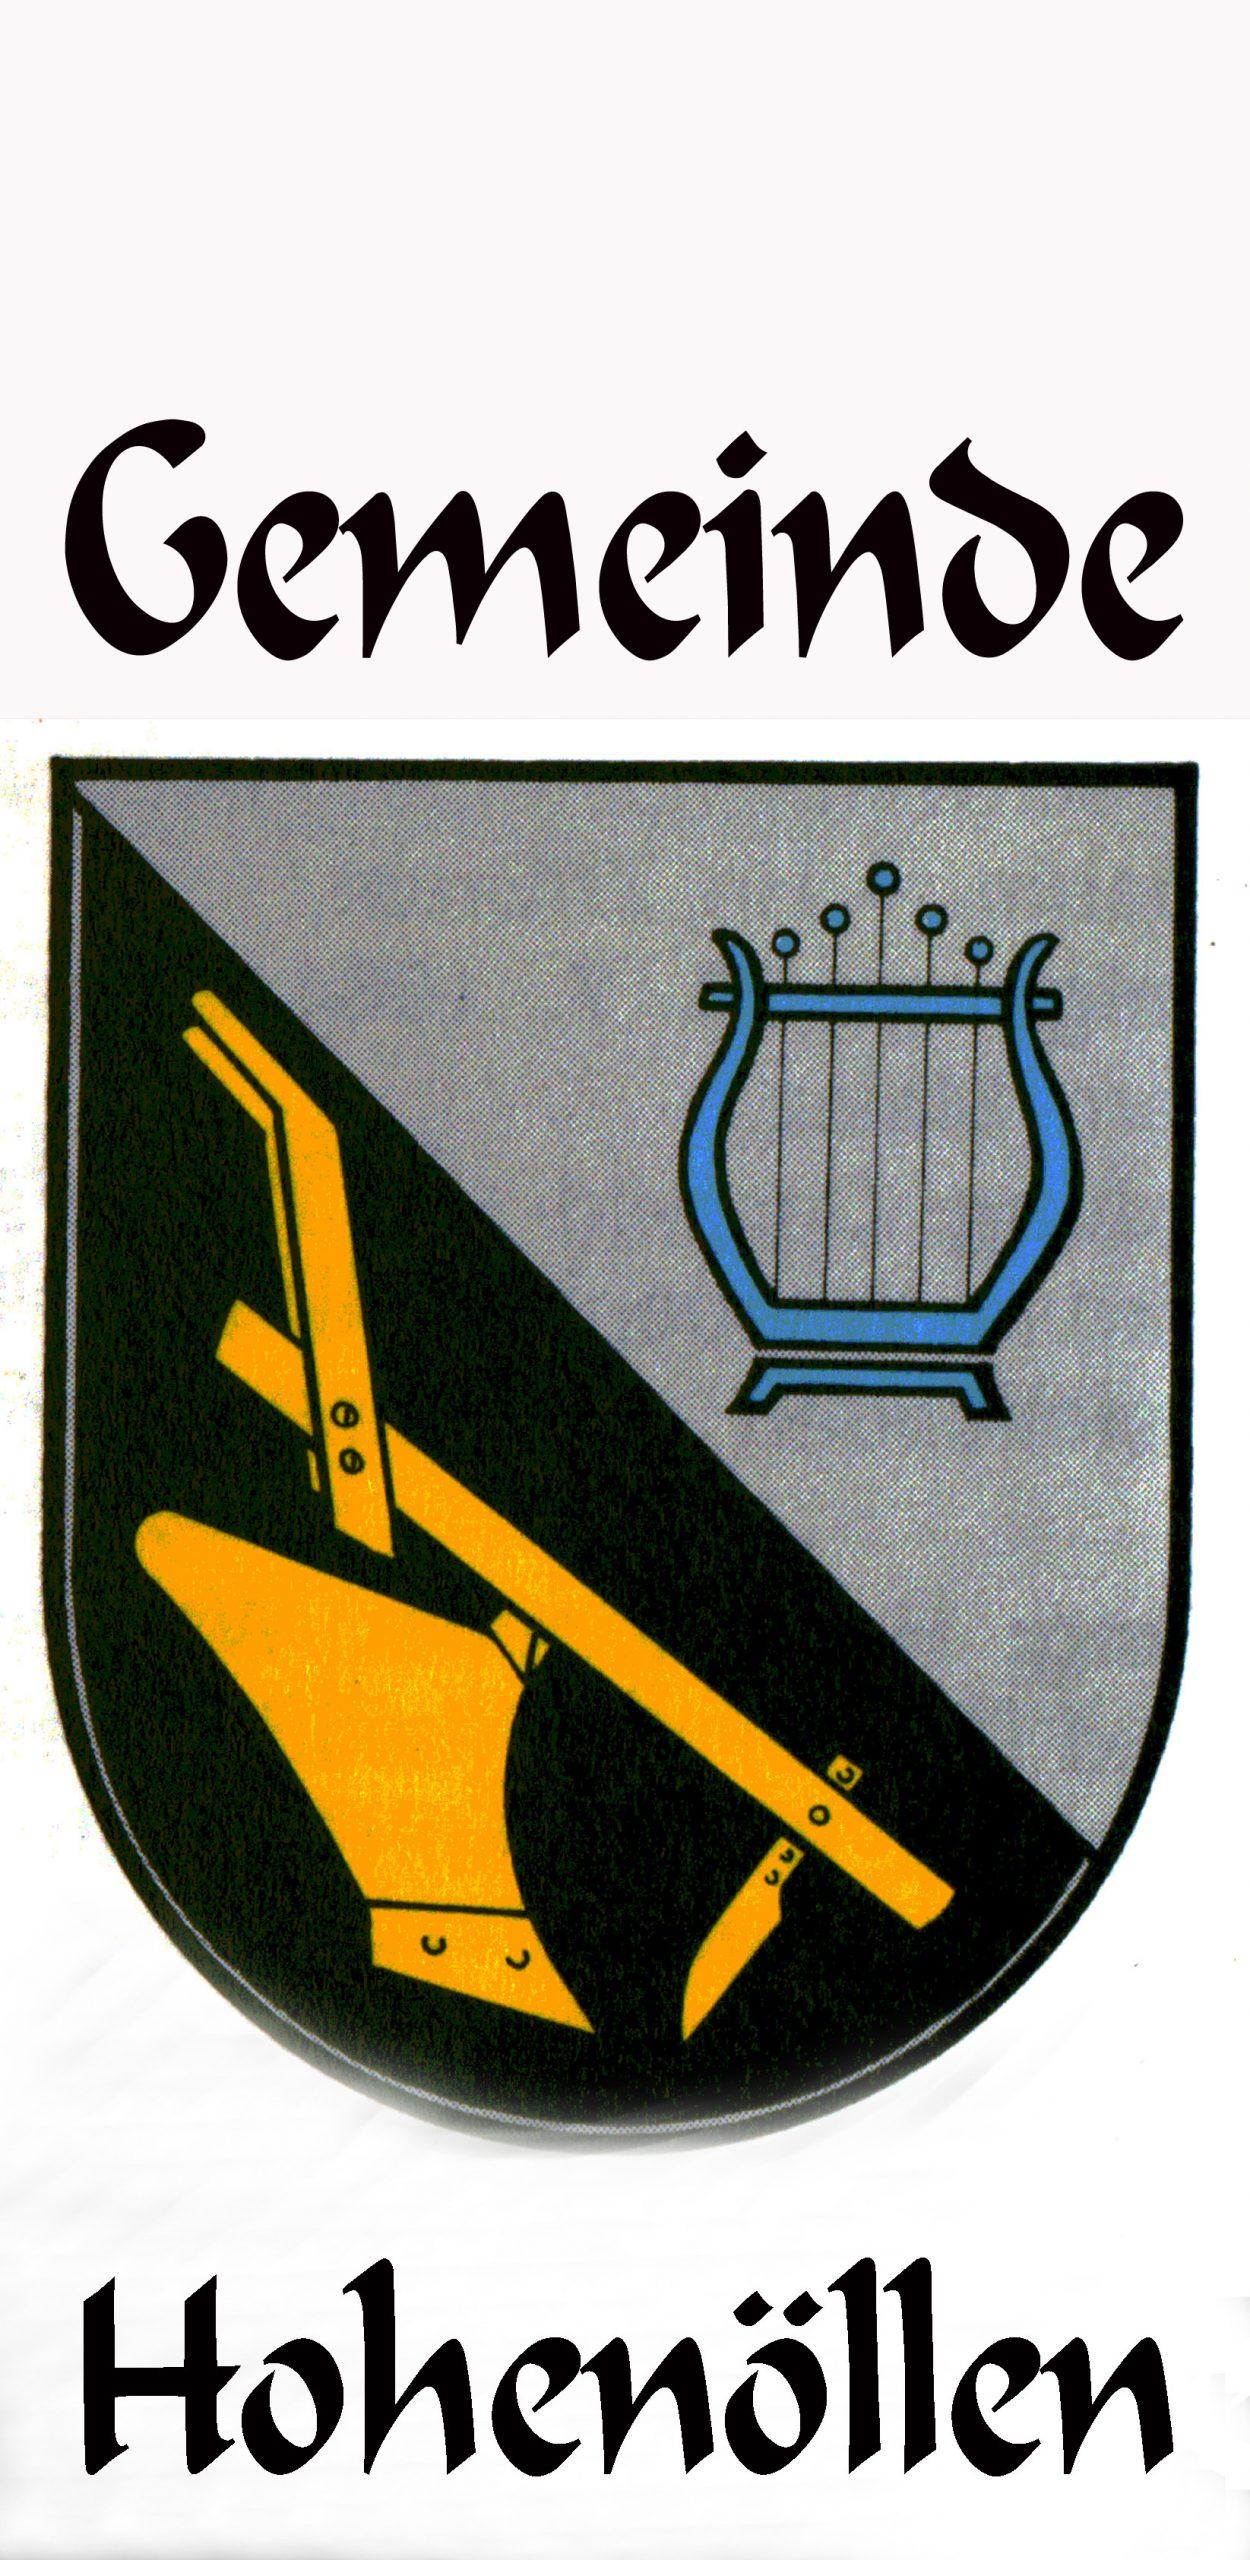 Hohenllen